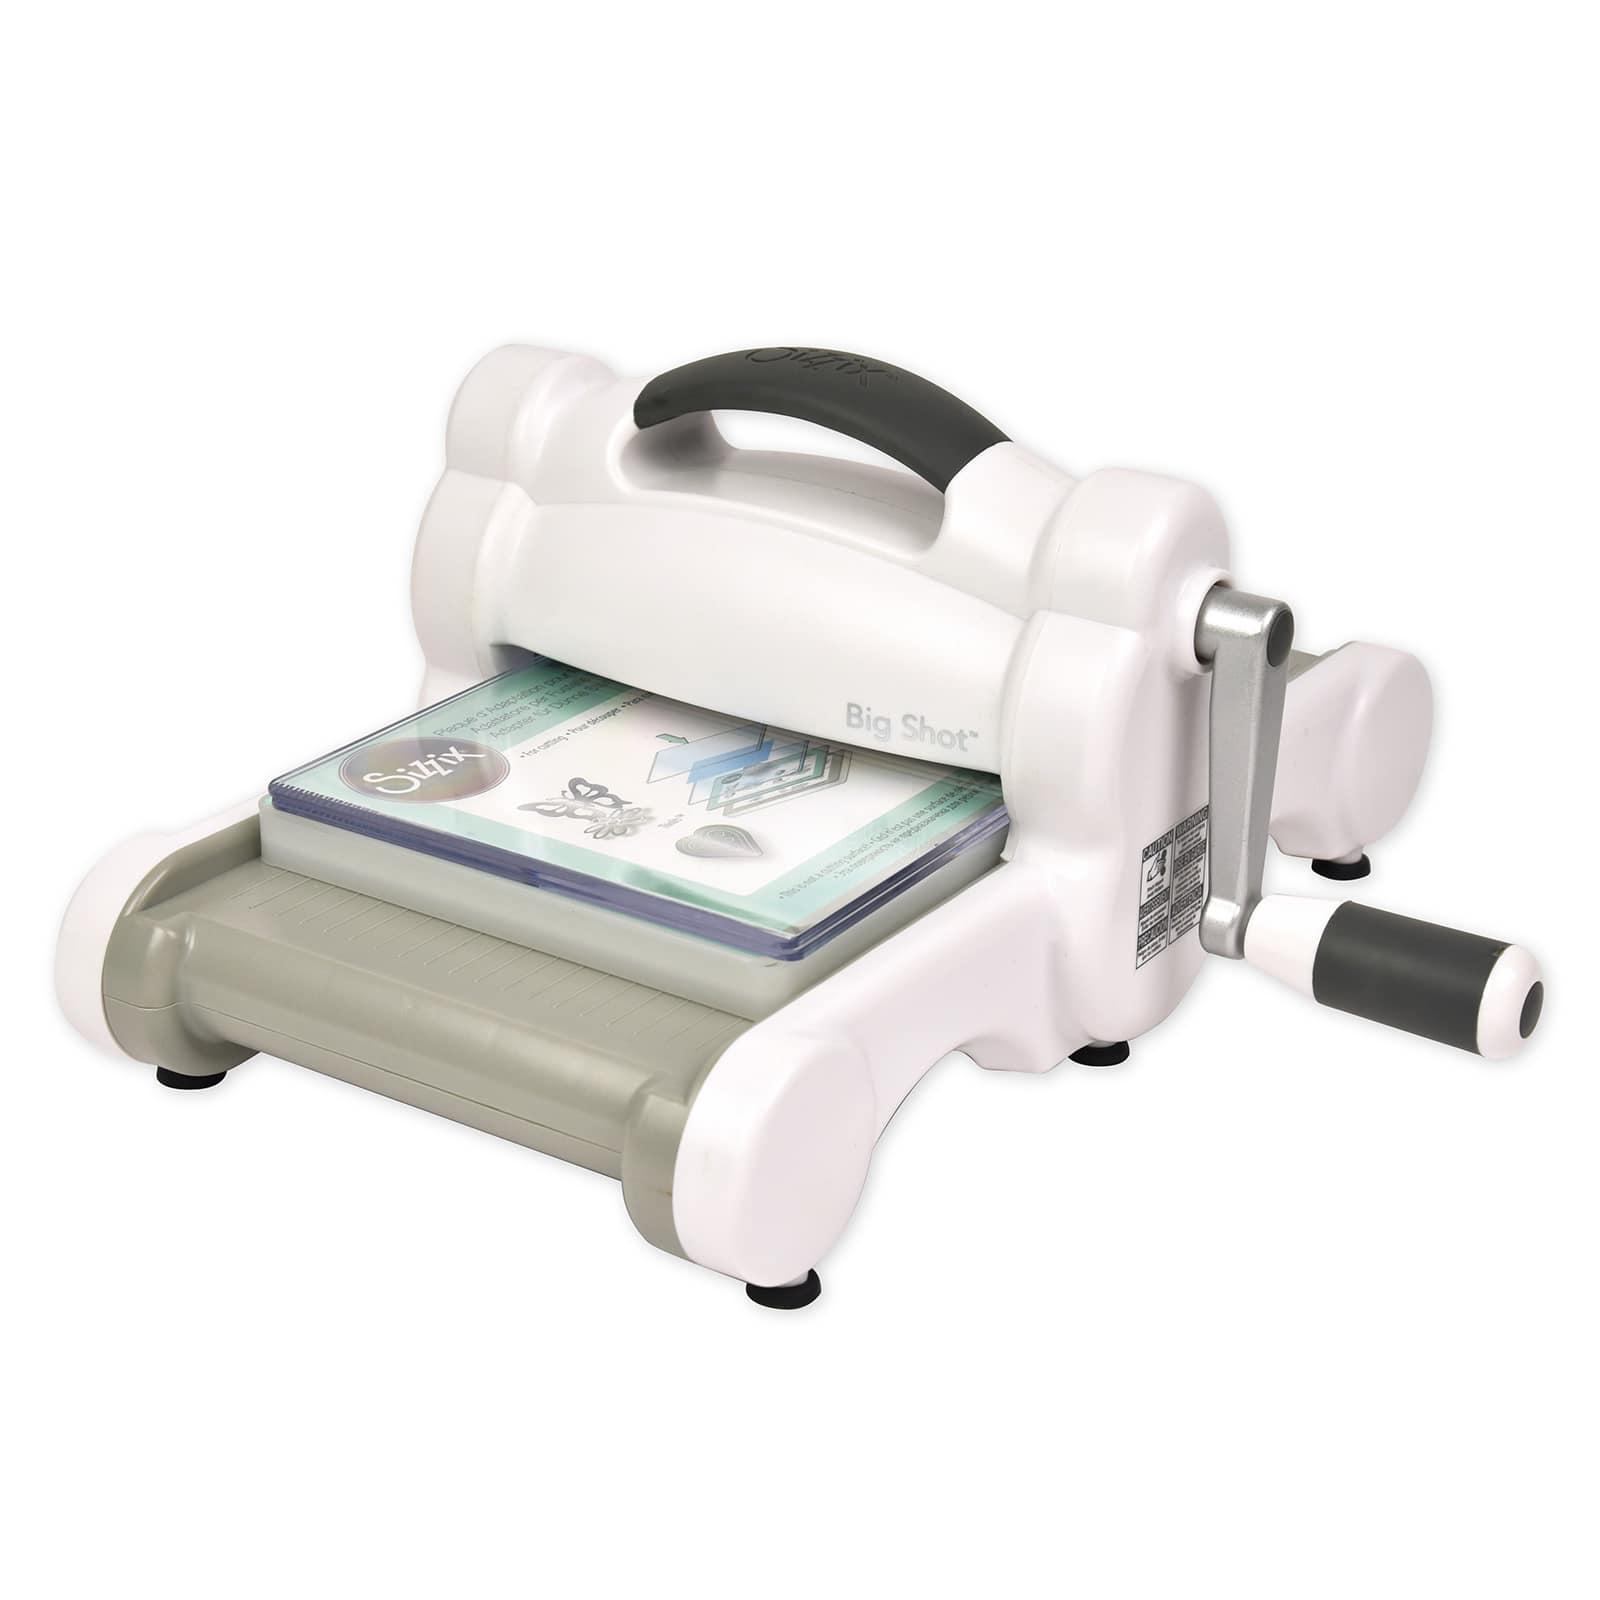 brand new unused, Boss Kut Die Cutting Machine returned stock